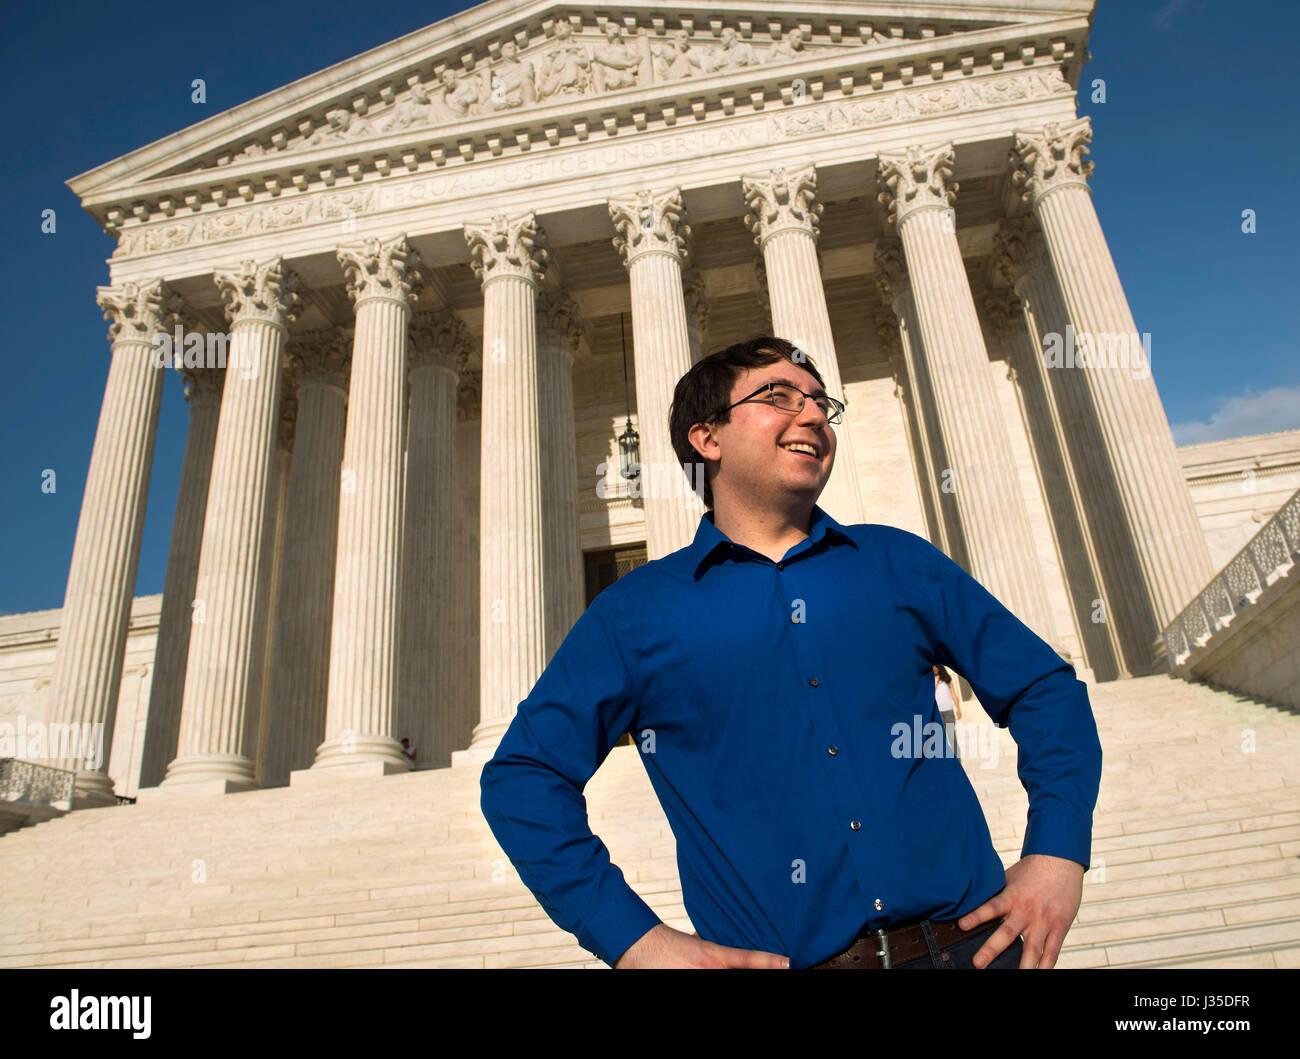 Am 12. August 2015 in Eugene, Oregon 21 Jugendliche aus quer durch die Vereinigten Staaten klagten Wahrzeichen konstitutionelle Stockbild